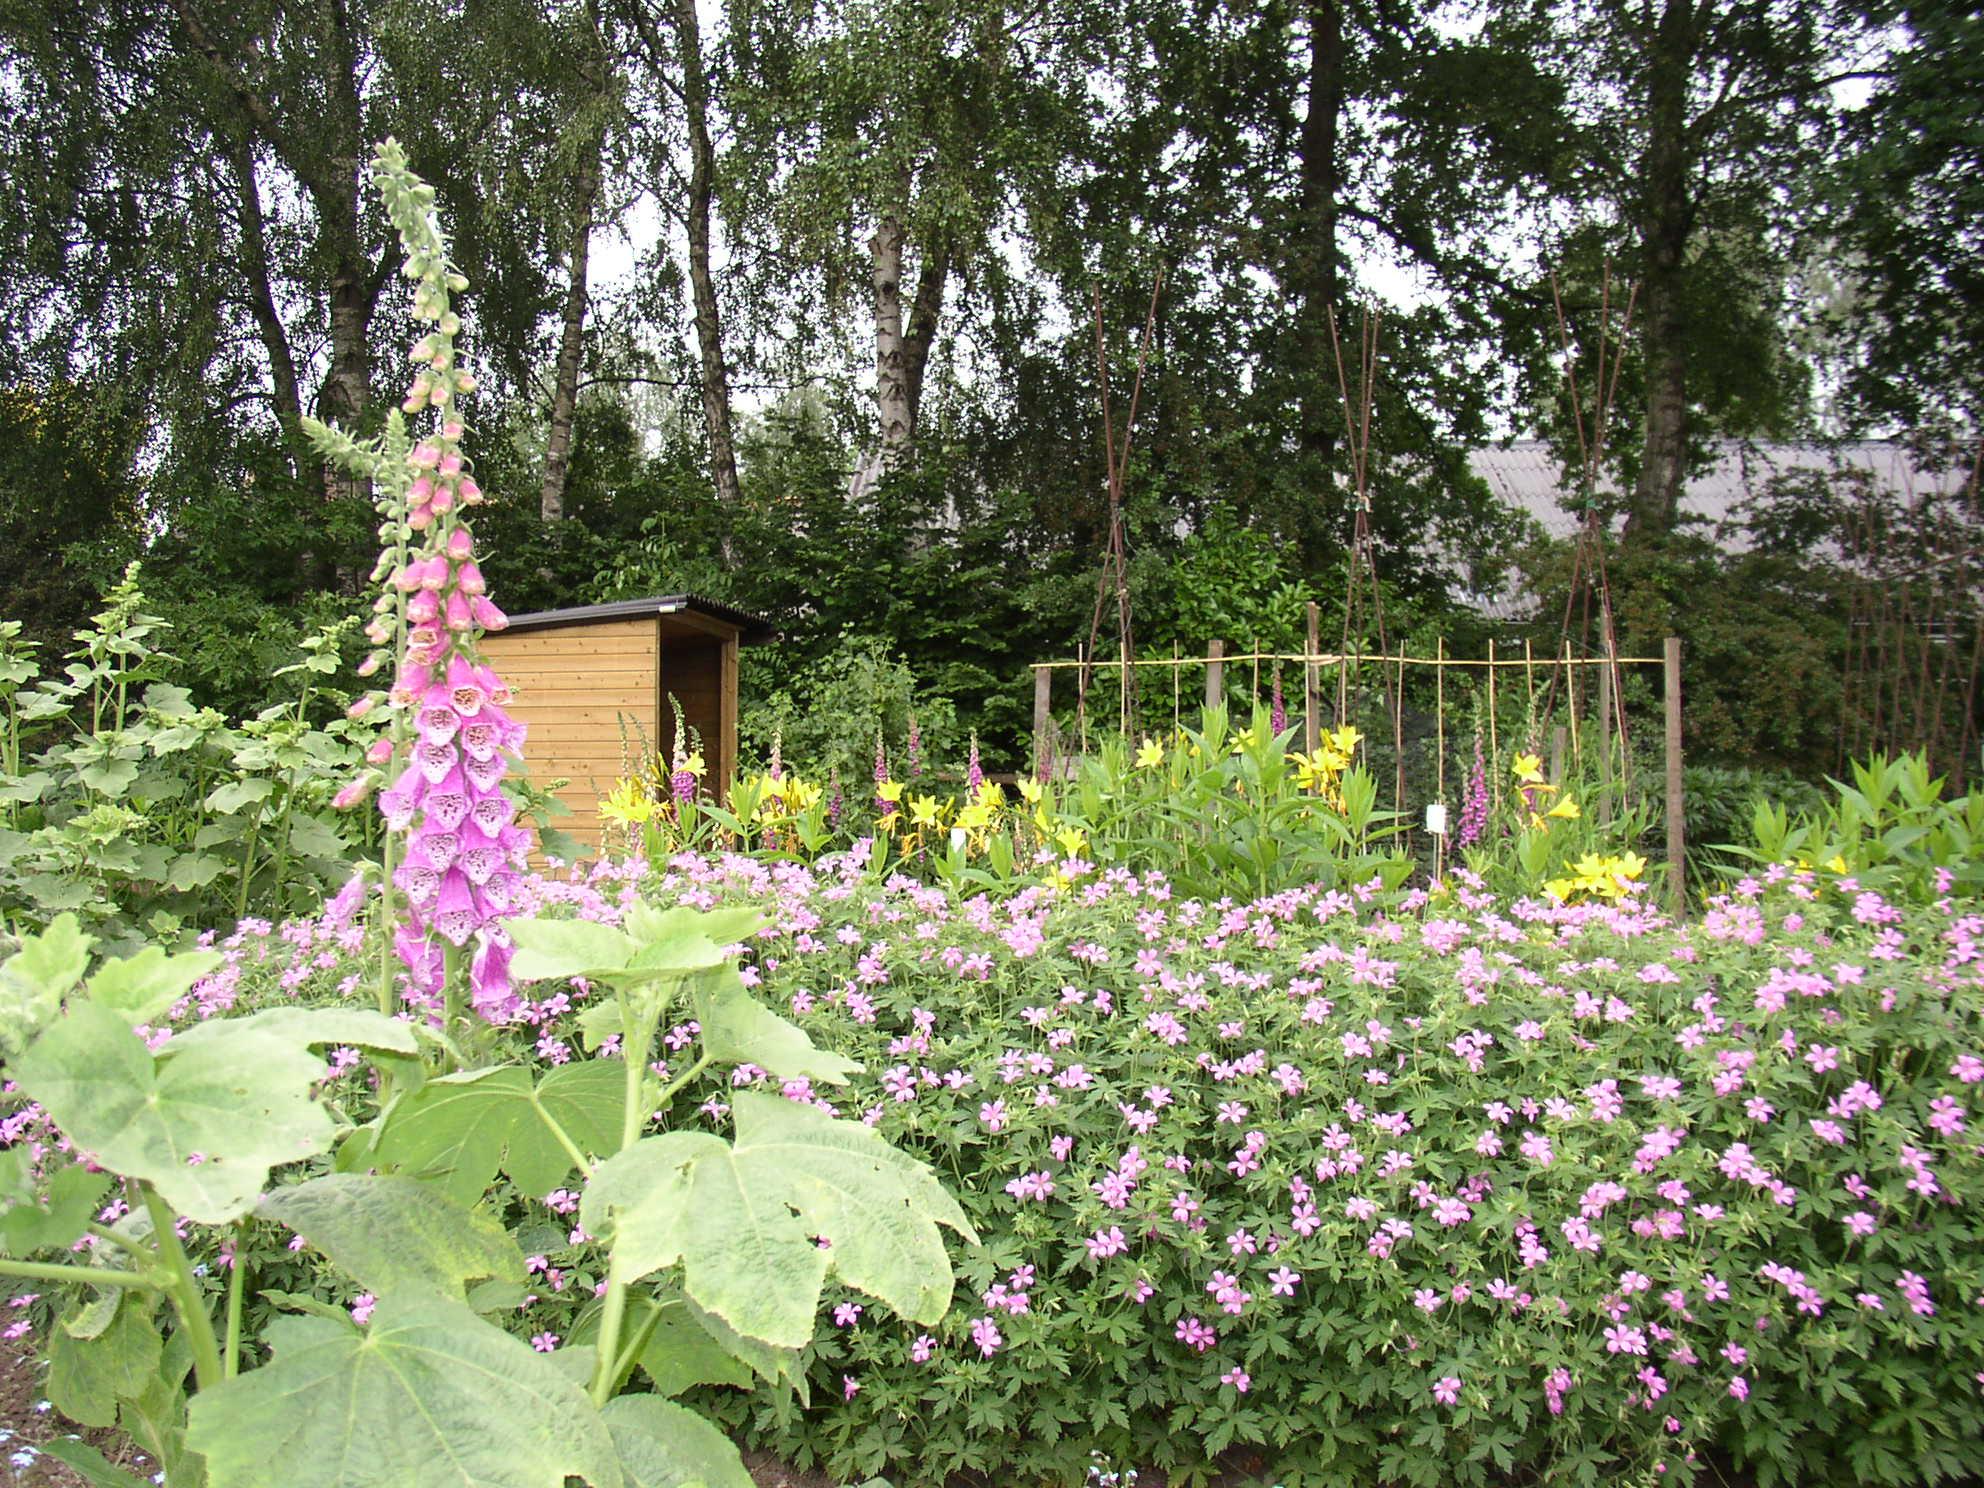 Mest Voor Tuin : Mest voor tuin volkstuindersvereniging raalte